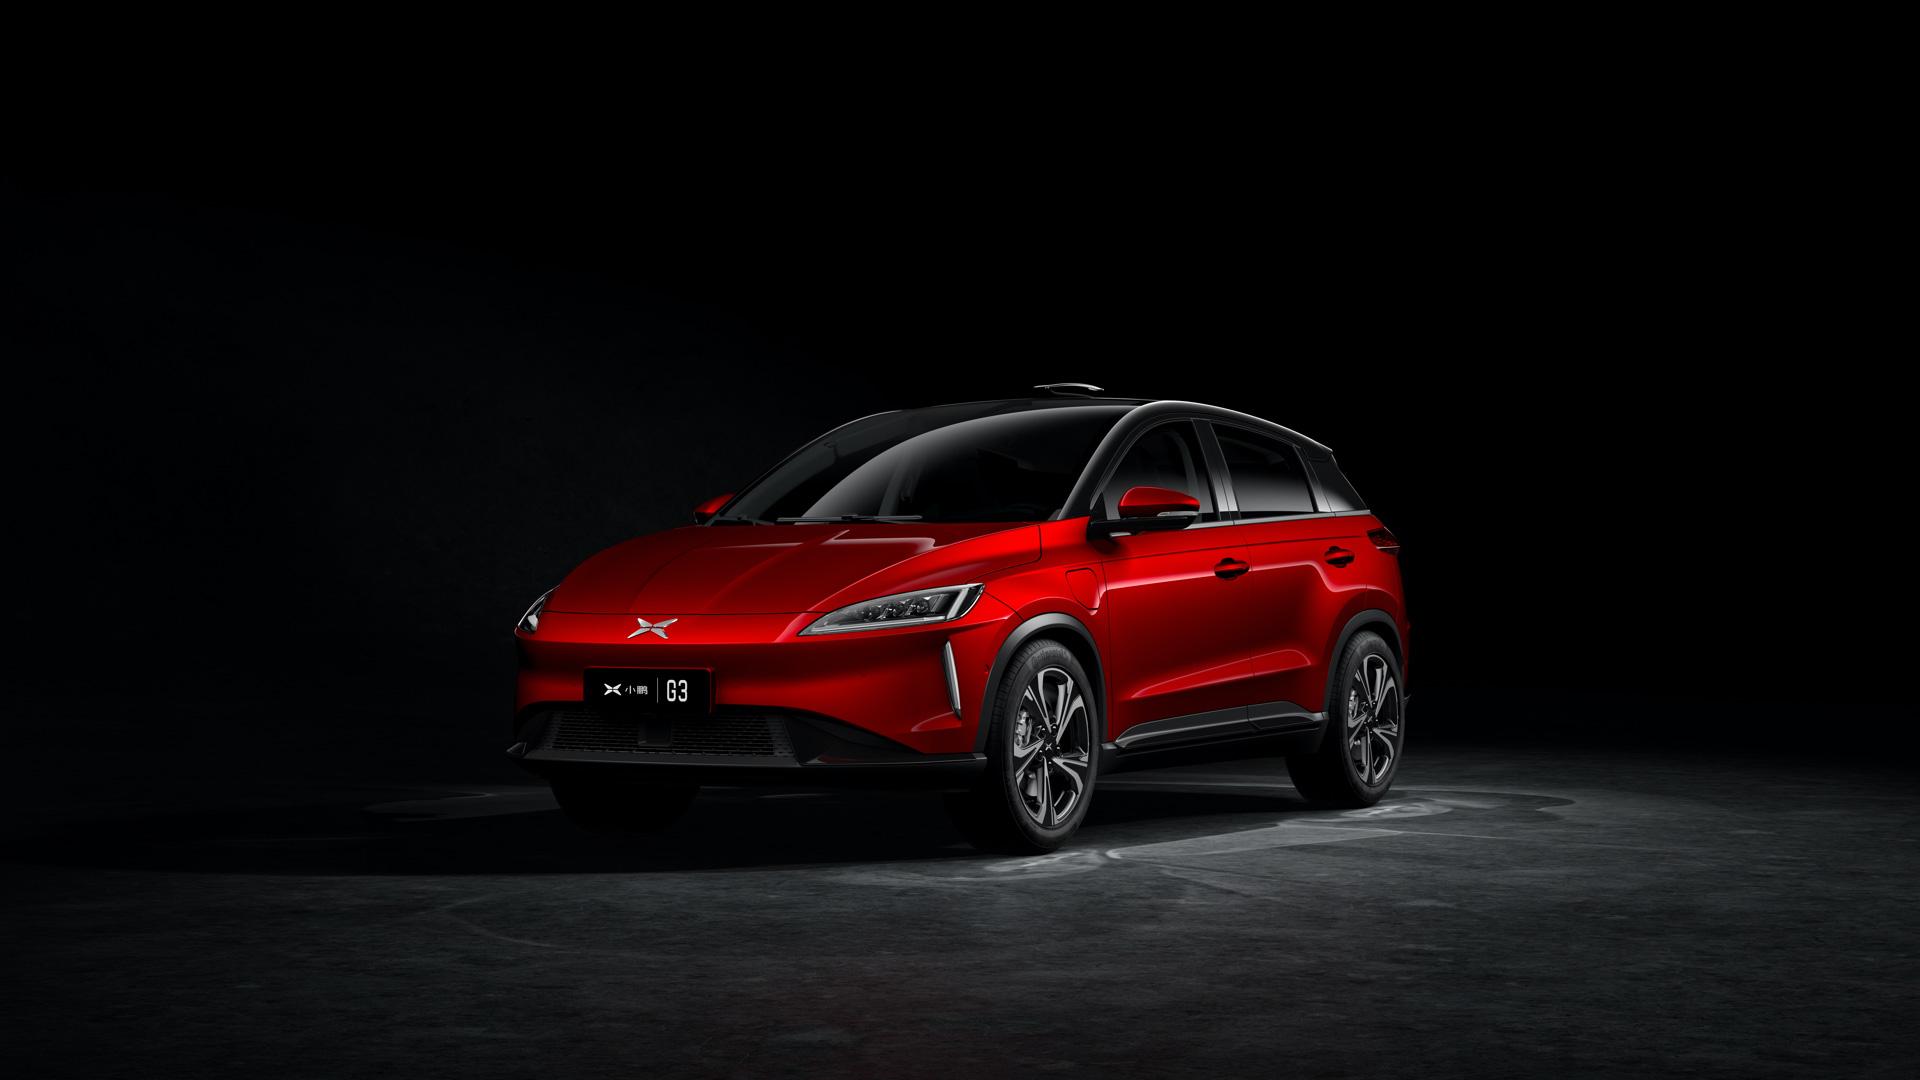 Čínske elektromobily - Xpeng G3 (Foto: Xpeng)